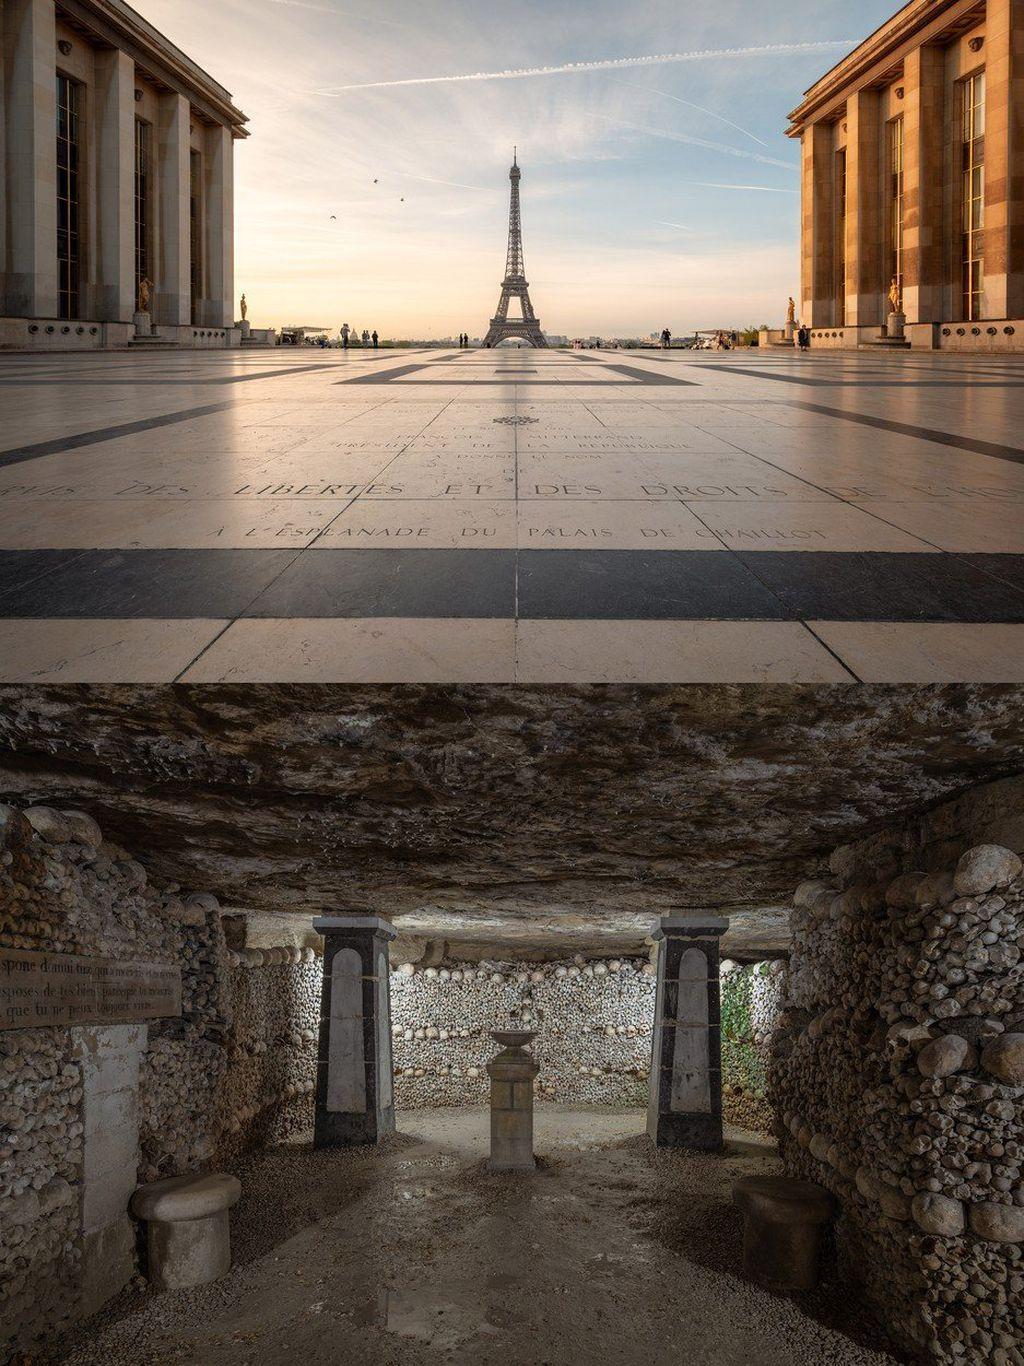 Ispod Eiffelovog tornja nalaze se hodnici s posmrtnim ostacima 6 milijuna ljudi.